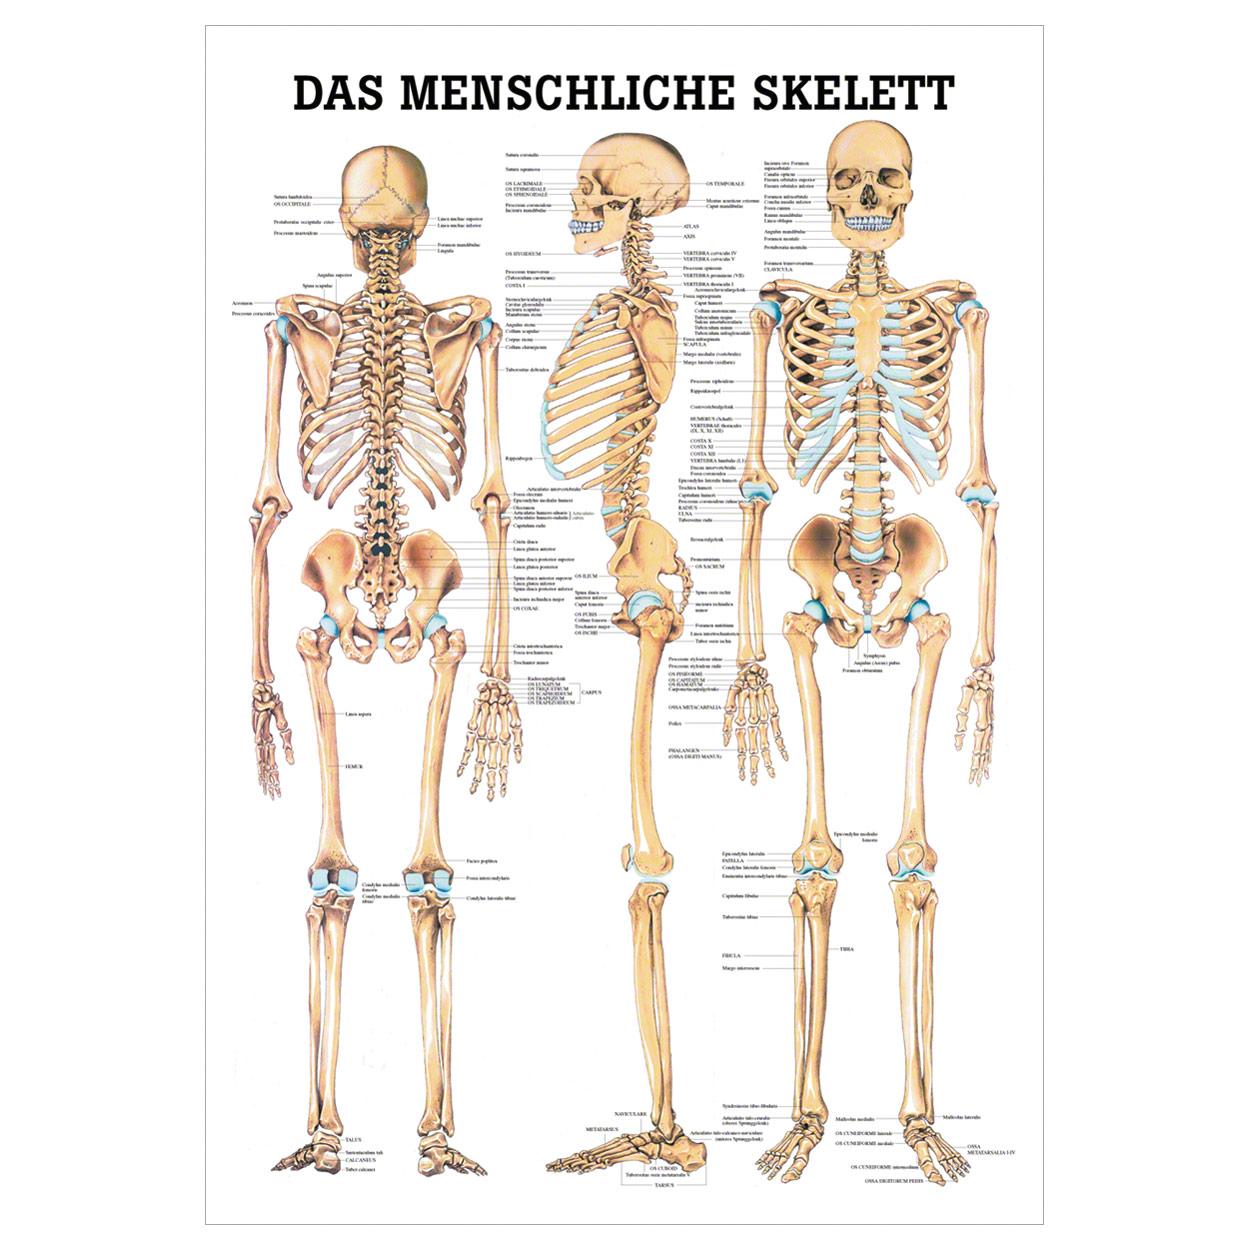 Das menschliche Skelett Mini-Poster Anatomie 34x24 cm medizinische ...